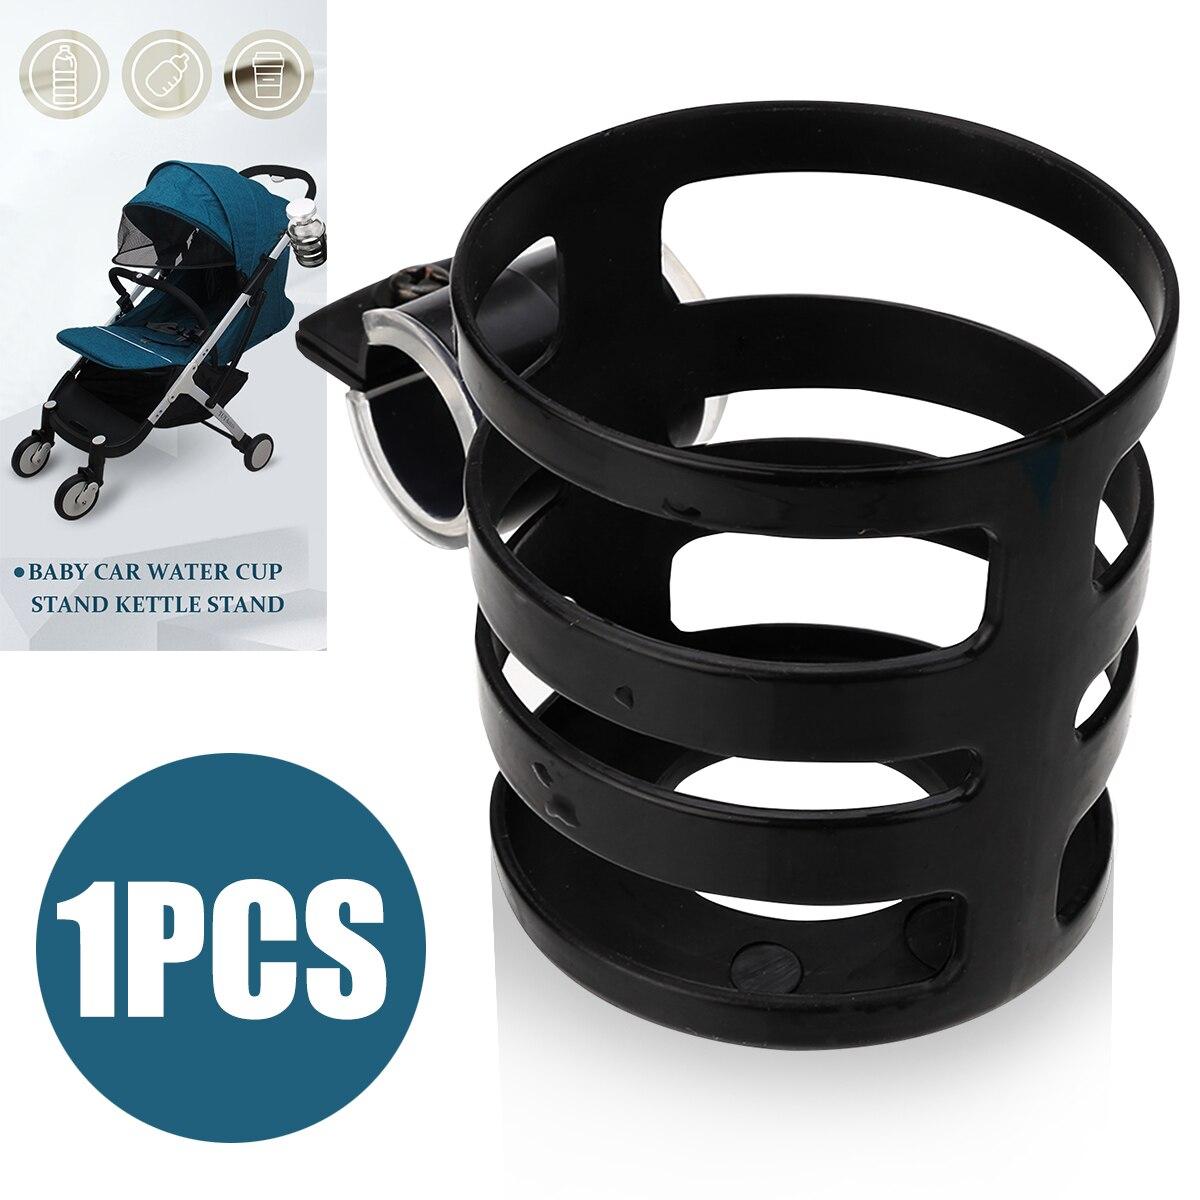 1PC Schwarz PP Baby Kinderwagen Kinderwagen Cup-Halter-Stand Fahrrad Milch Flasche Getränk Rack Für Fahrrad Kinderwagen Zubehör